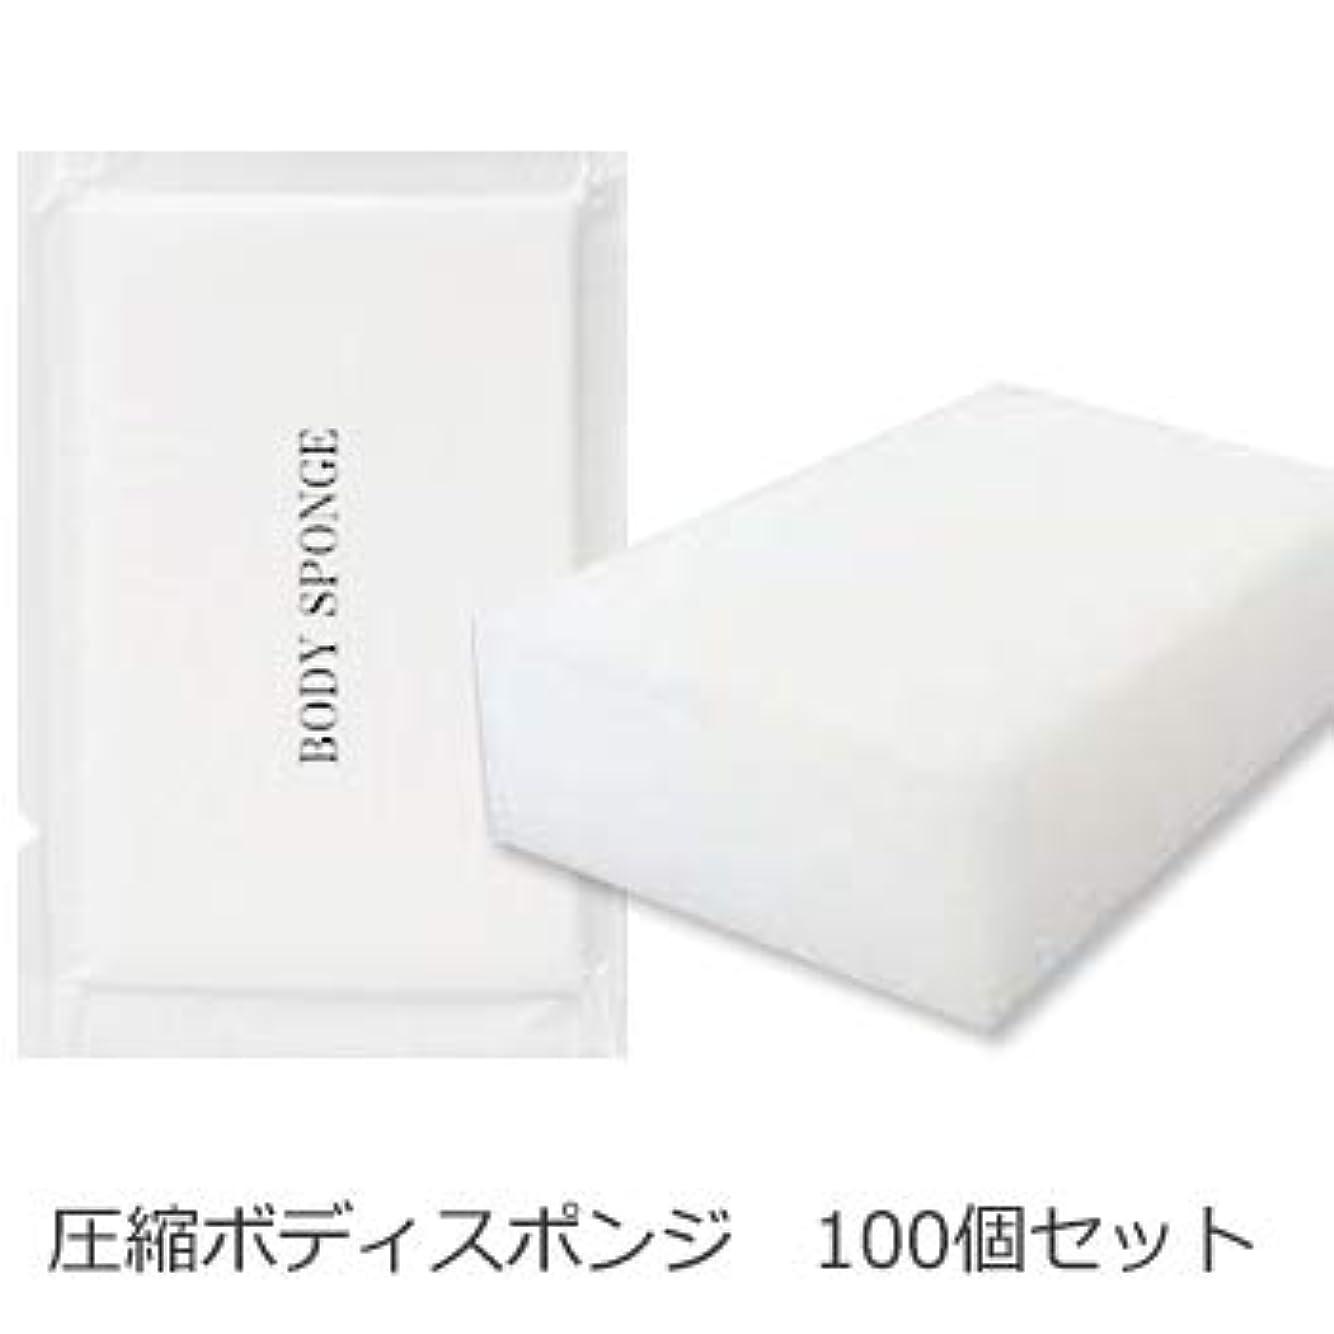 創始者塊カーテンボディスポンジ 海綿タイプ 厚み 30mm (1セット100個入)1個当たり14円税別